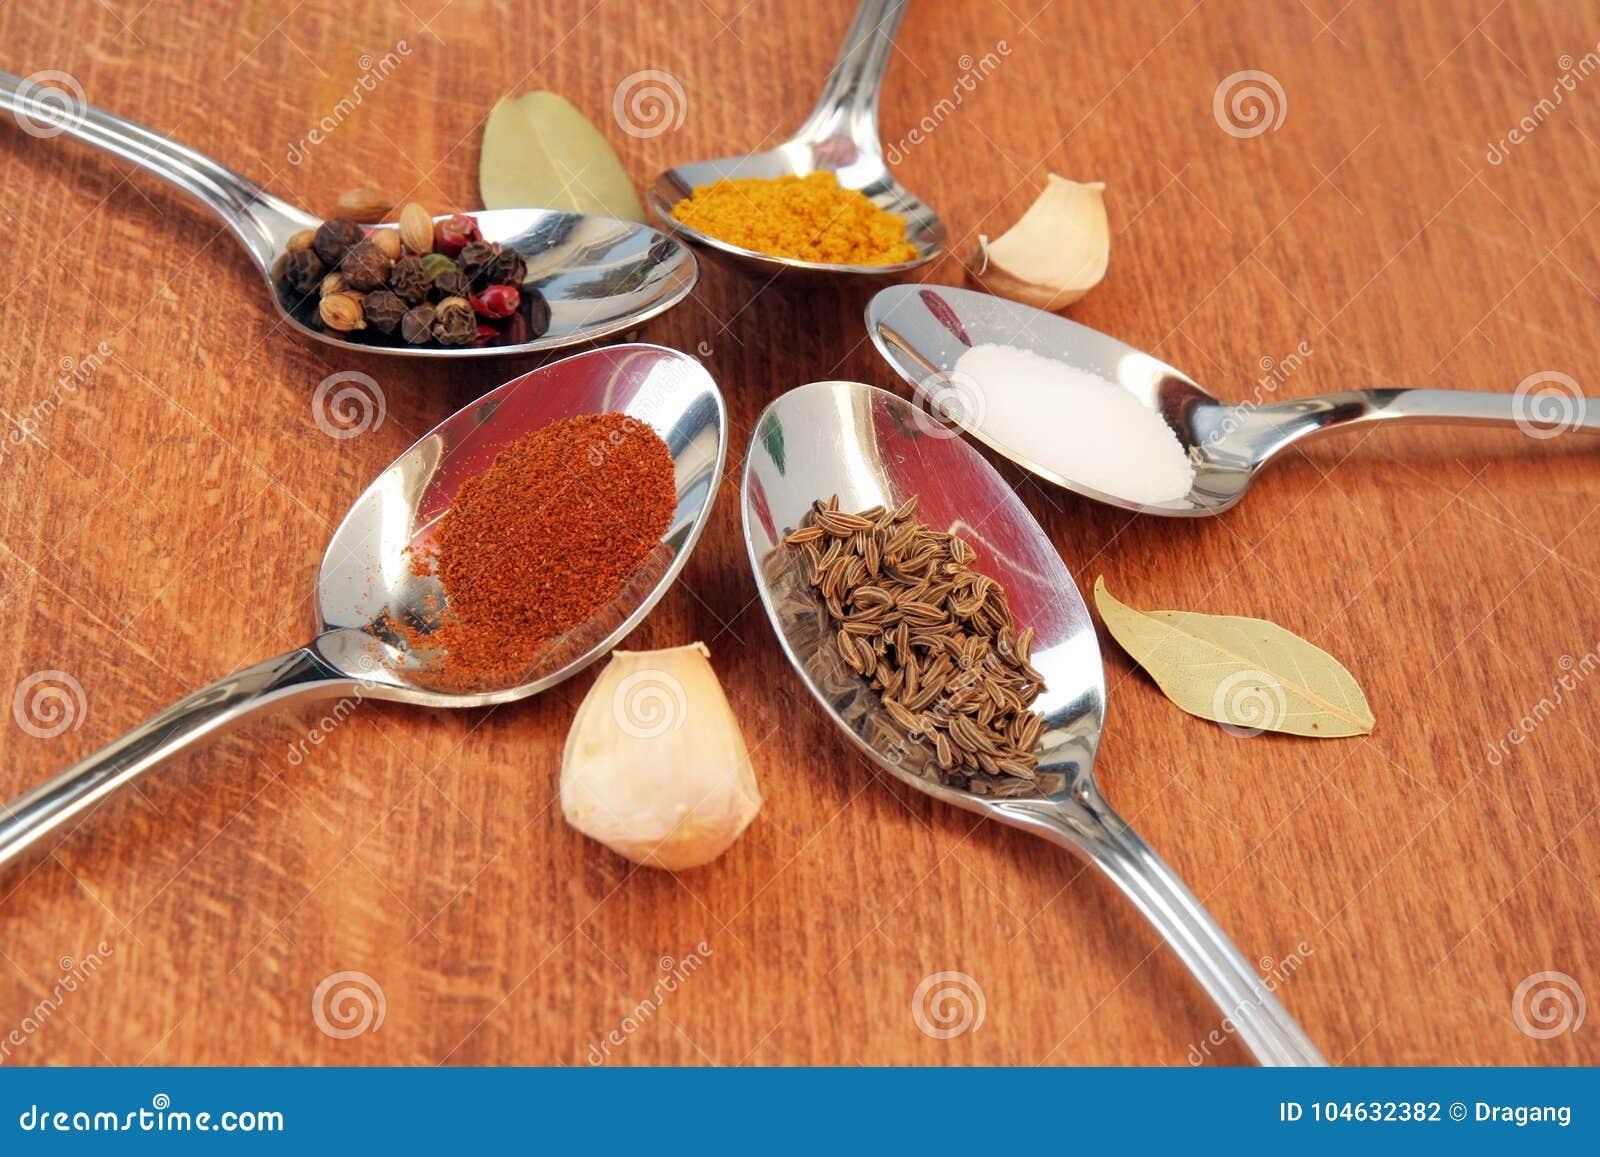 Download Kokende Kruiden Voedselkruiden Kruiden In Theelepeltjes Stock Foto - Afbeelding bestaande uit indisch, donker: 104632382